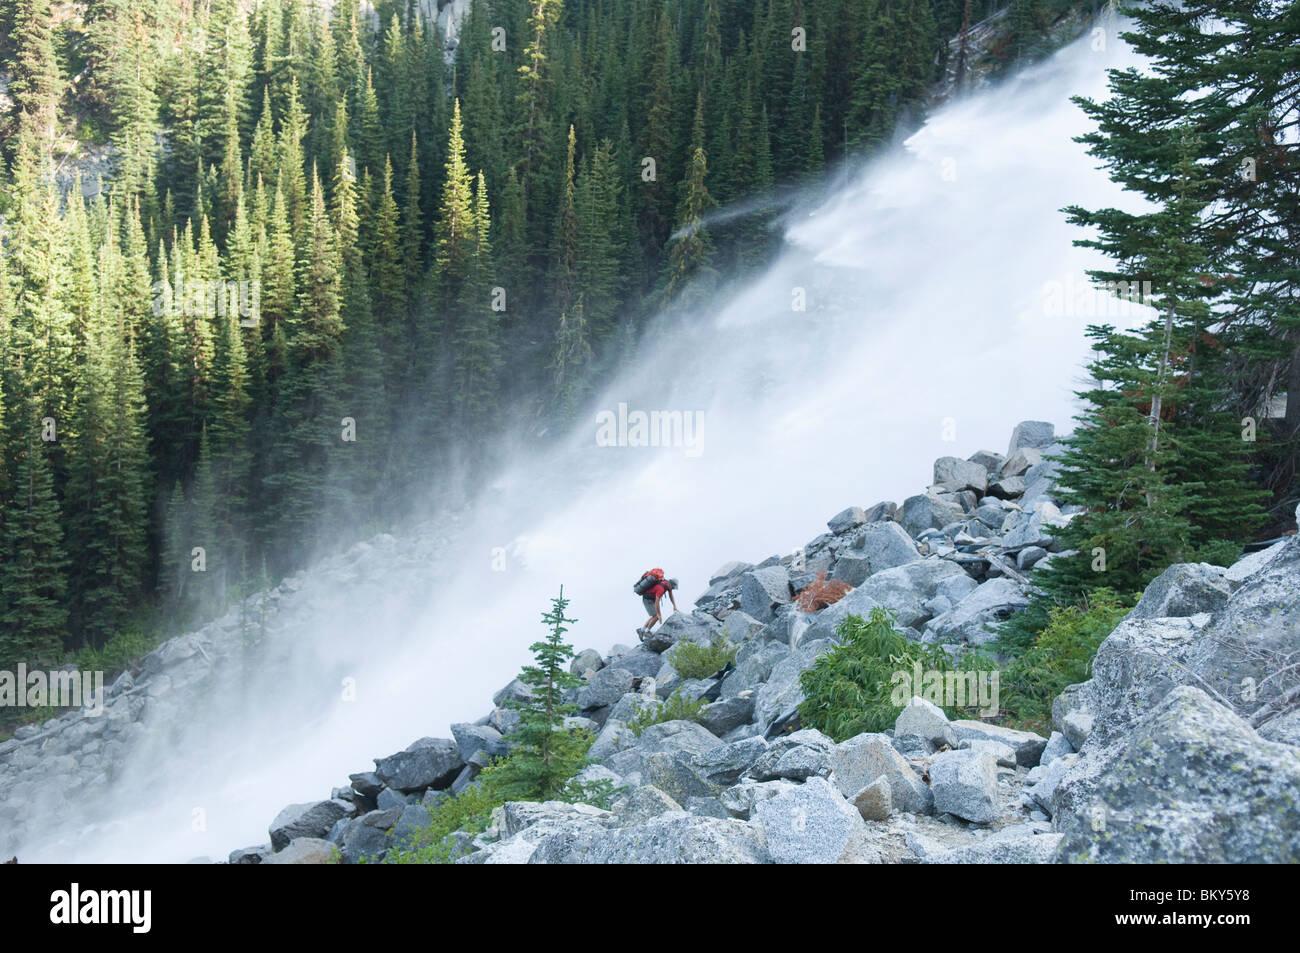 Un homme à côté d'une cascade, l'enchantement des pics, lacs de montagne Désert, Leavenworth, Photo Stock